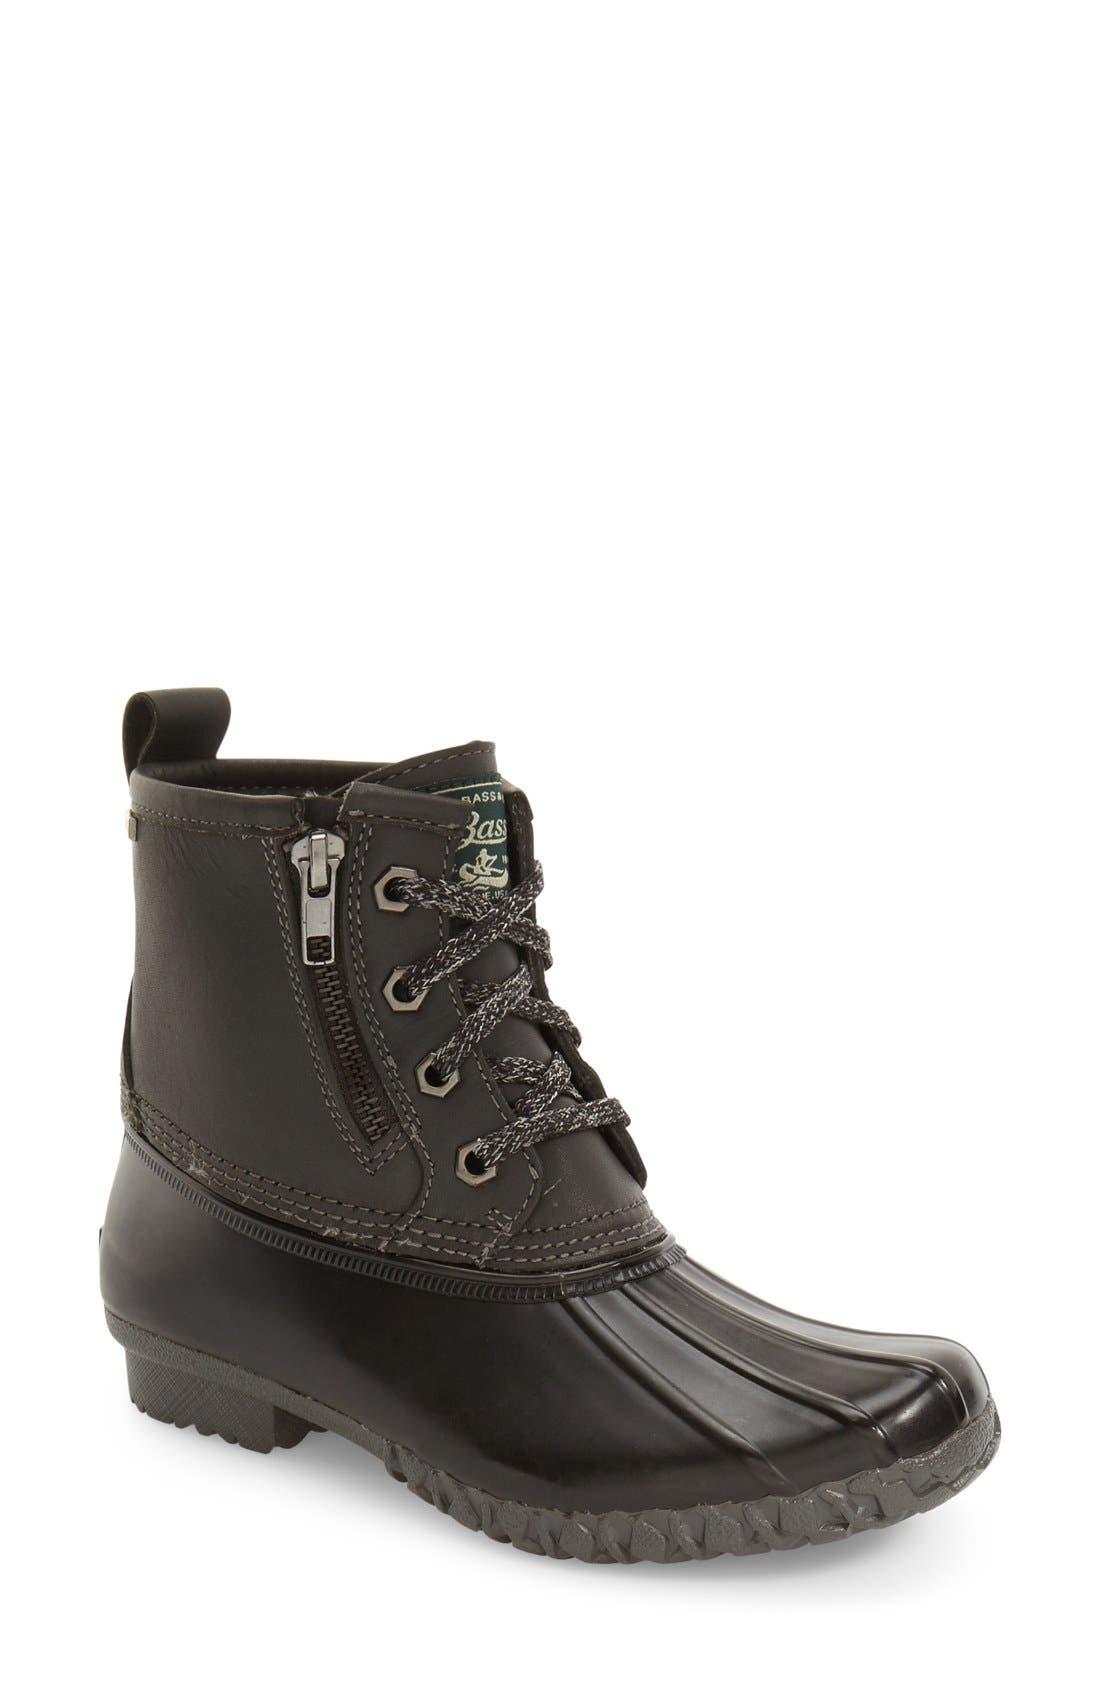 G.H. BASS & CO. Danielle Waterproof Duck Boot